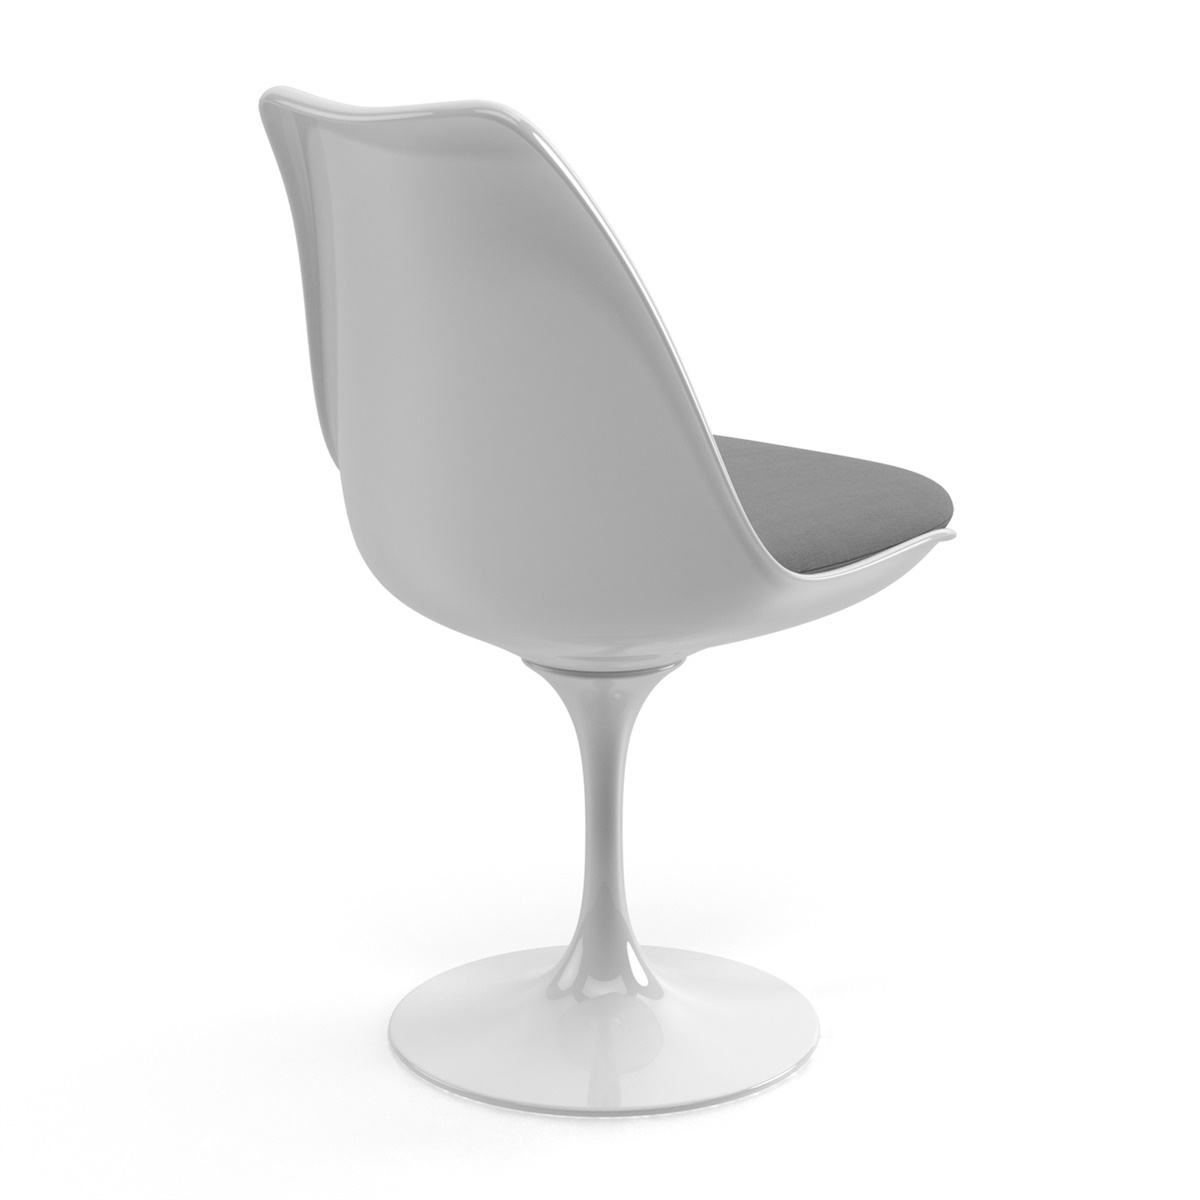 Stupendous Saarinen Tulip Side Chair Customarchery Wood Chair Design Ideas Customarcherynet